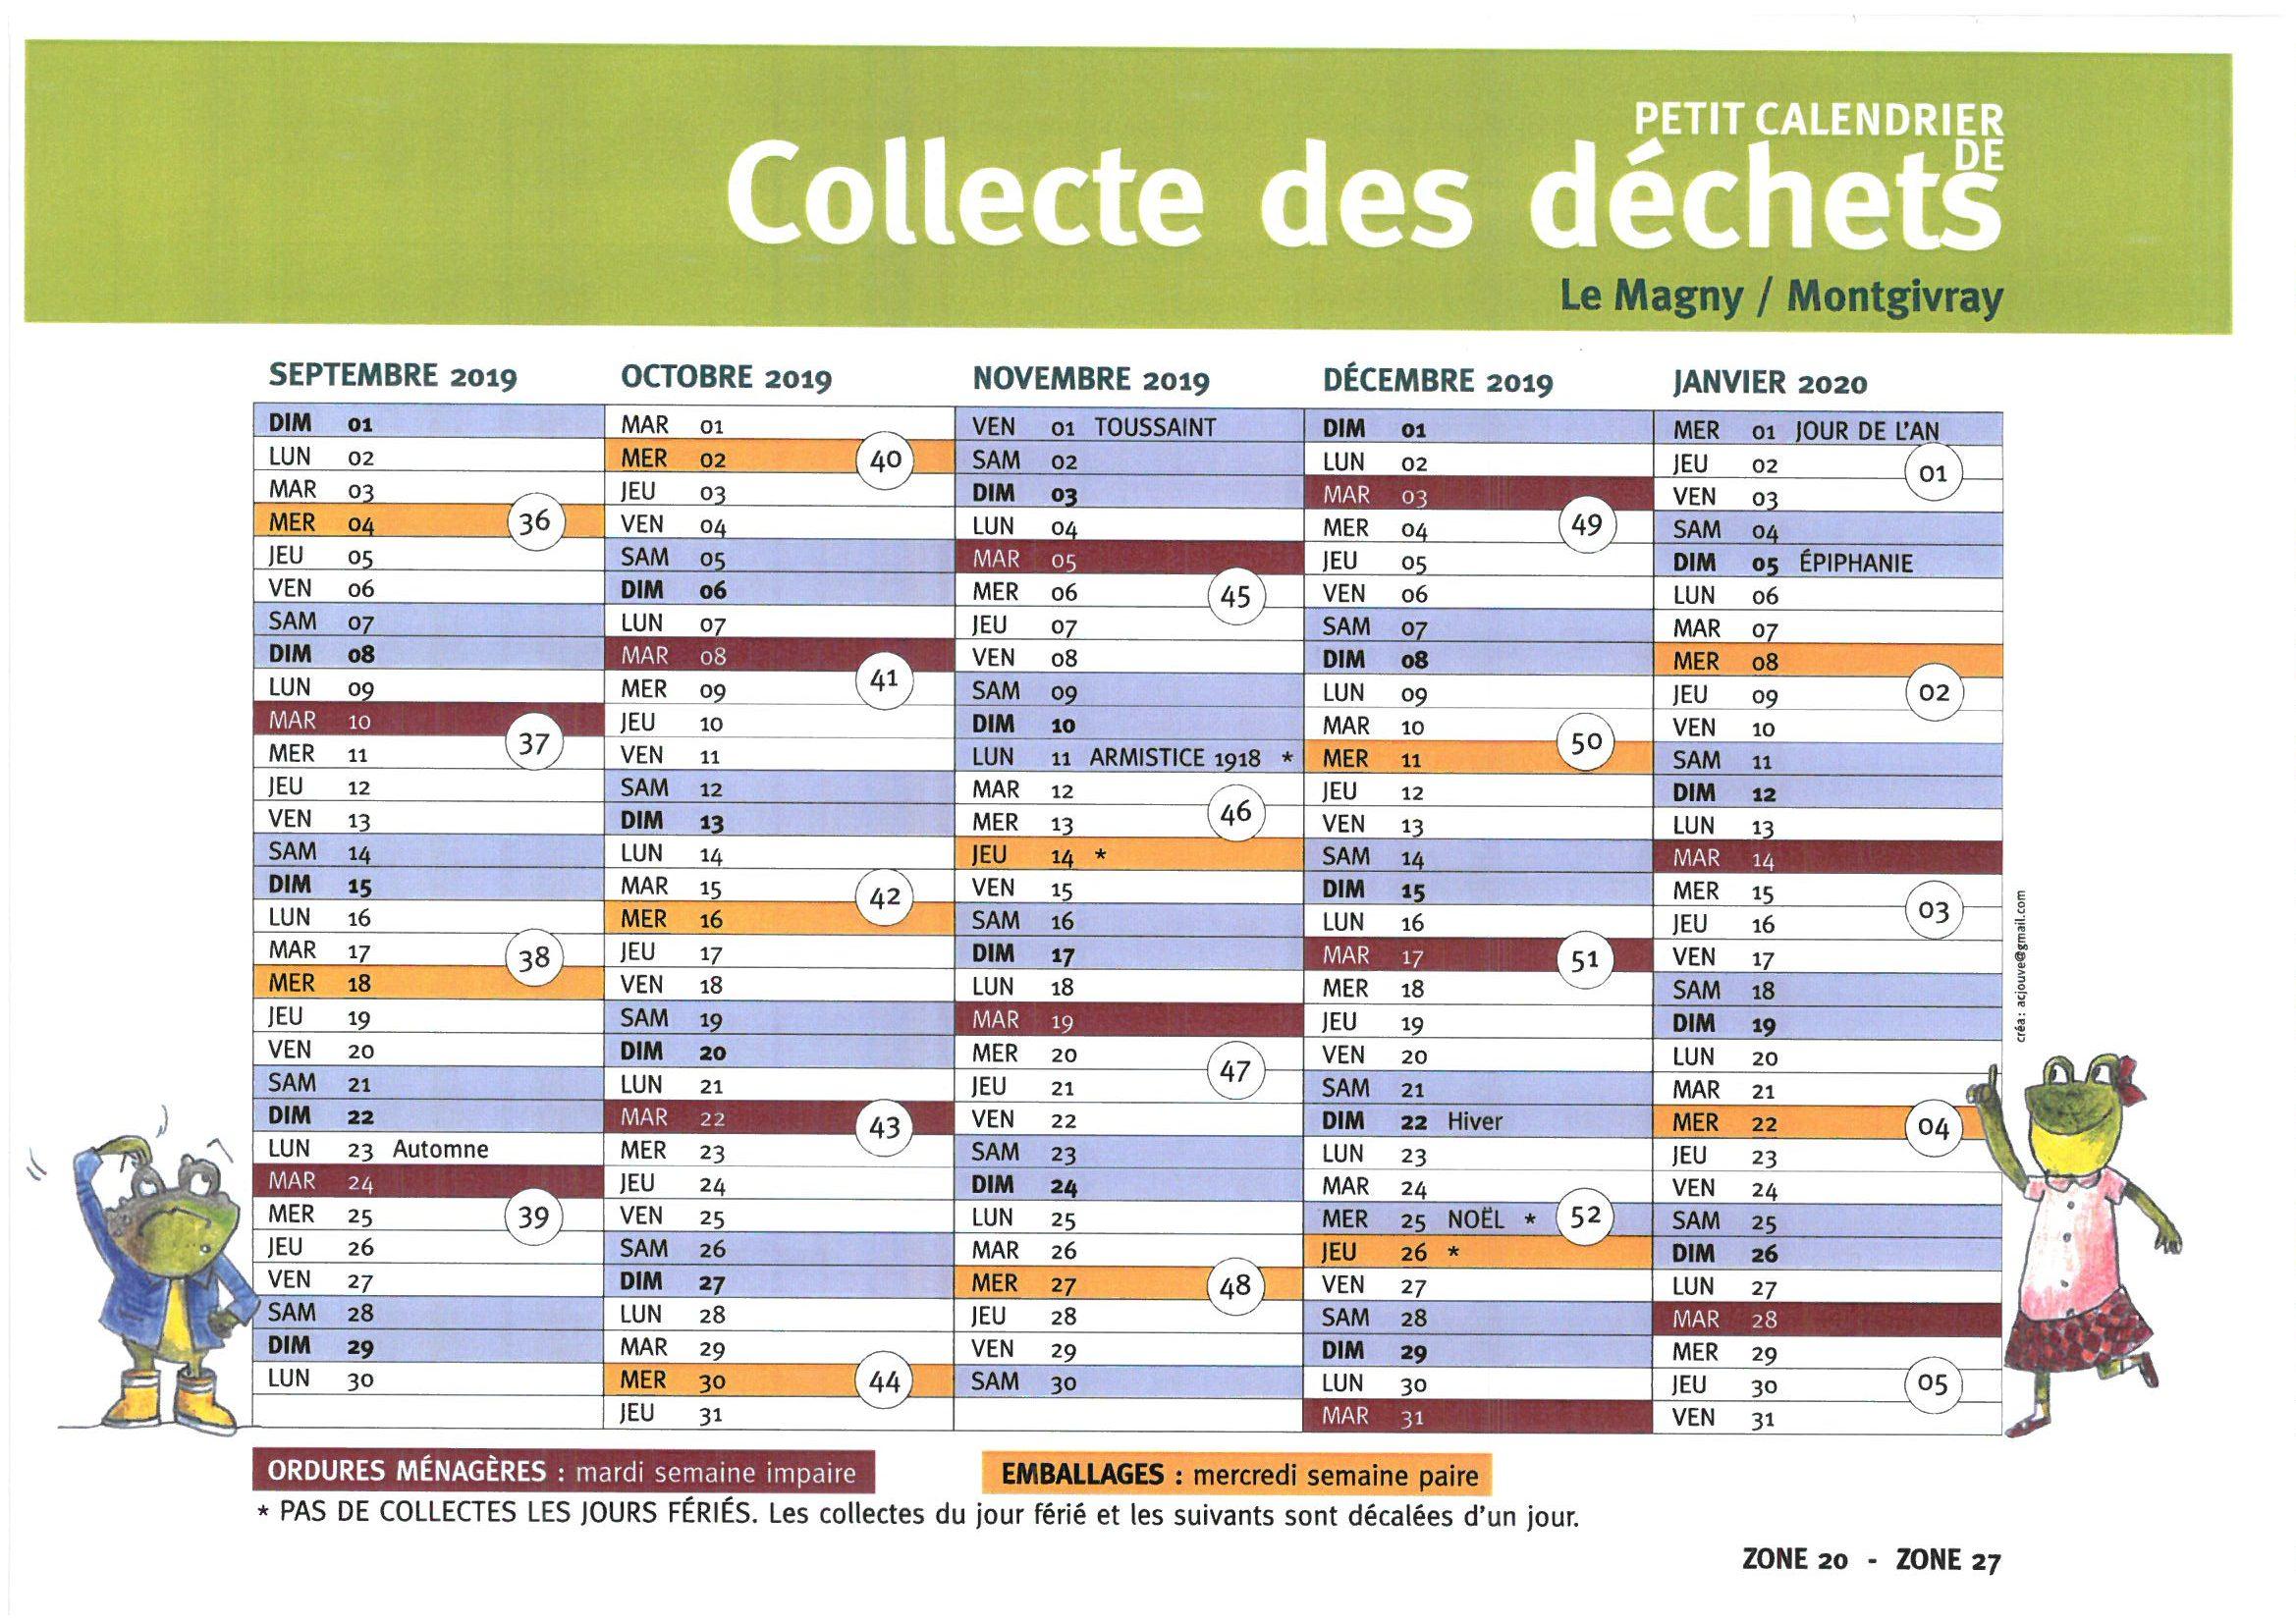 Calendrier Eboueur 2020.Nouveaux Calendrier Collecte Des Dechets Septembre 2019 A